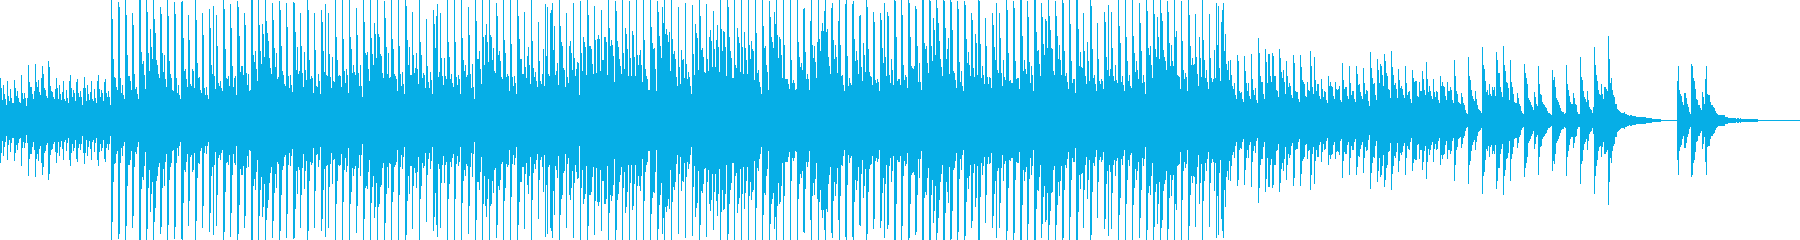 夏をイメージしたバラードの再生済みの波形